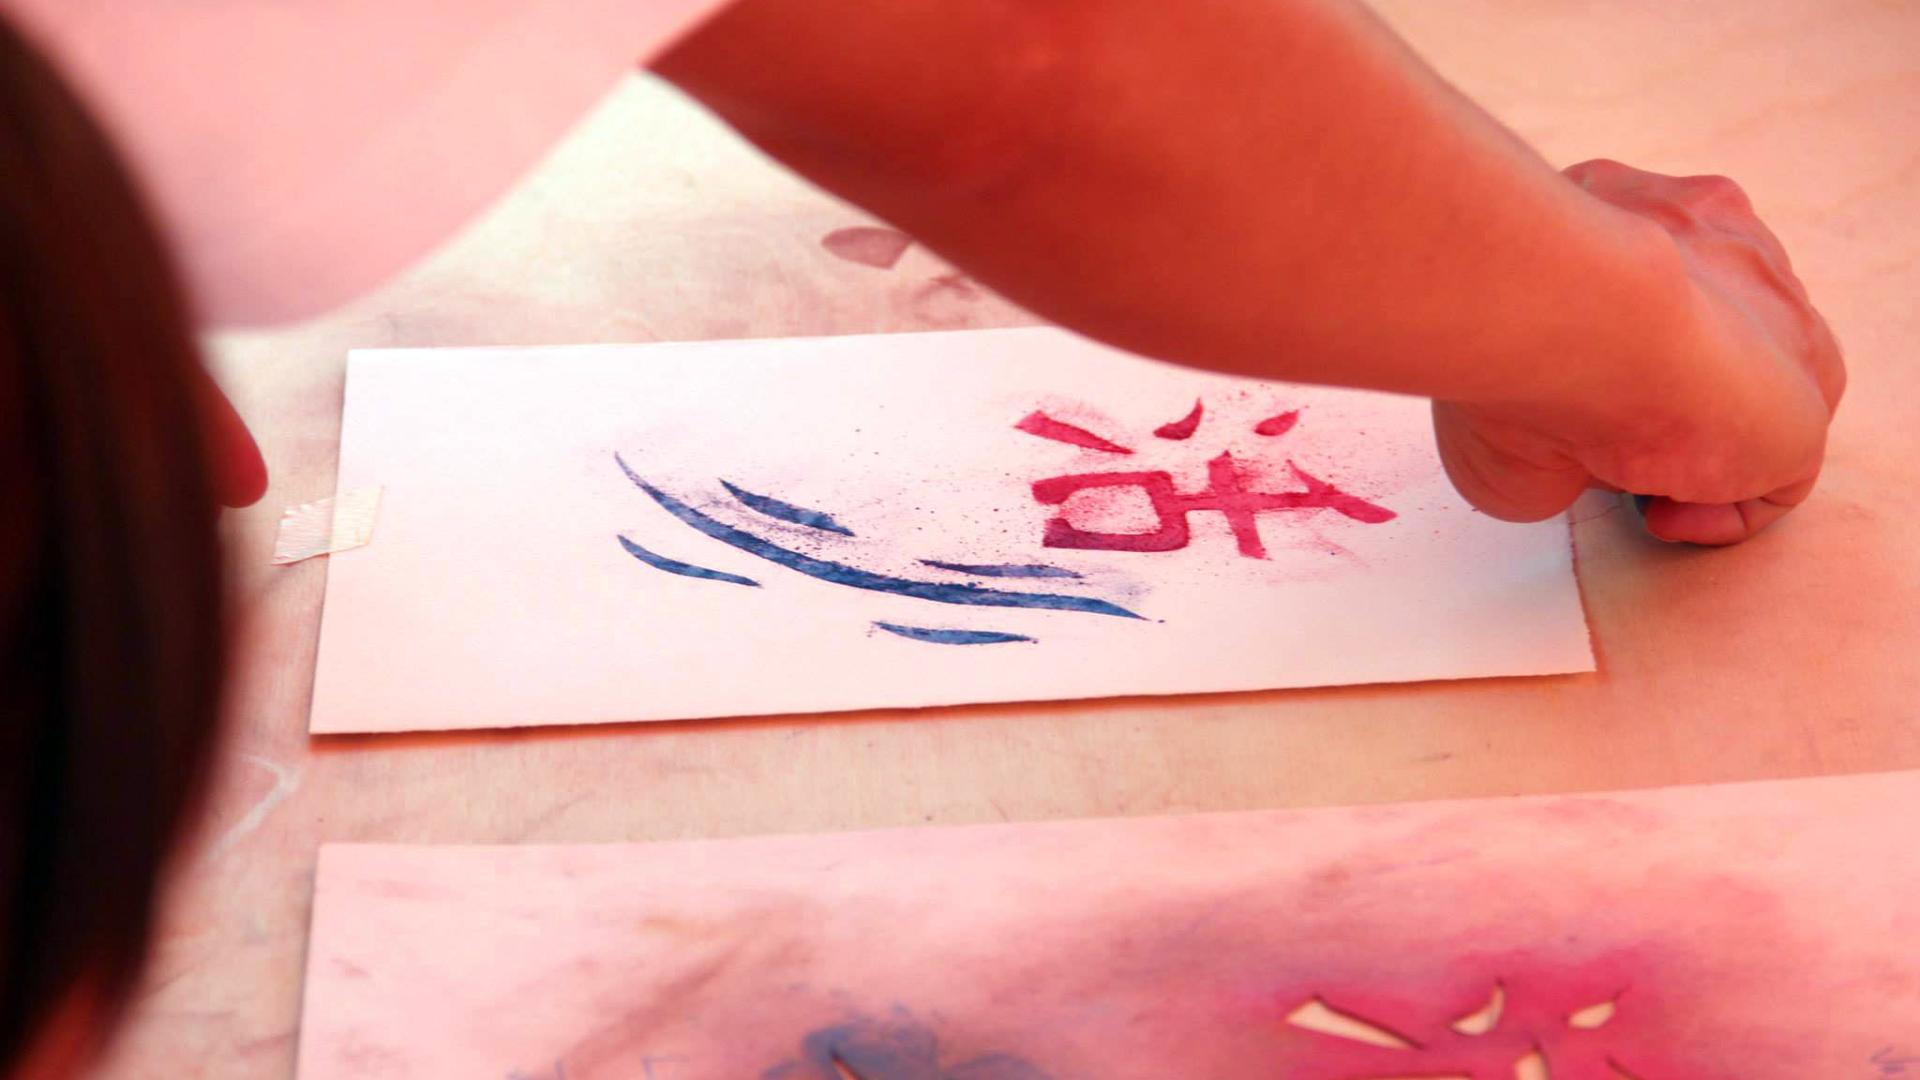 Detailaufnahme von Händen, die asiatische Schriftzeichen malen